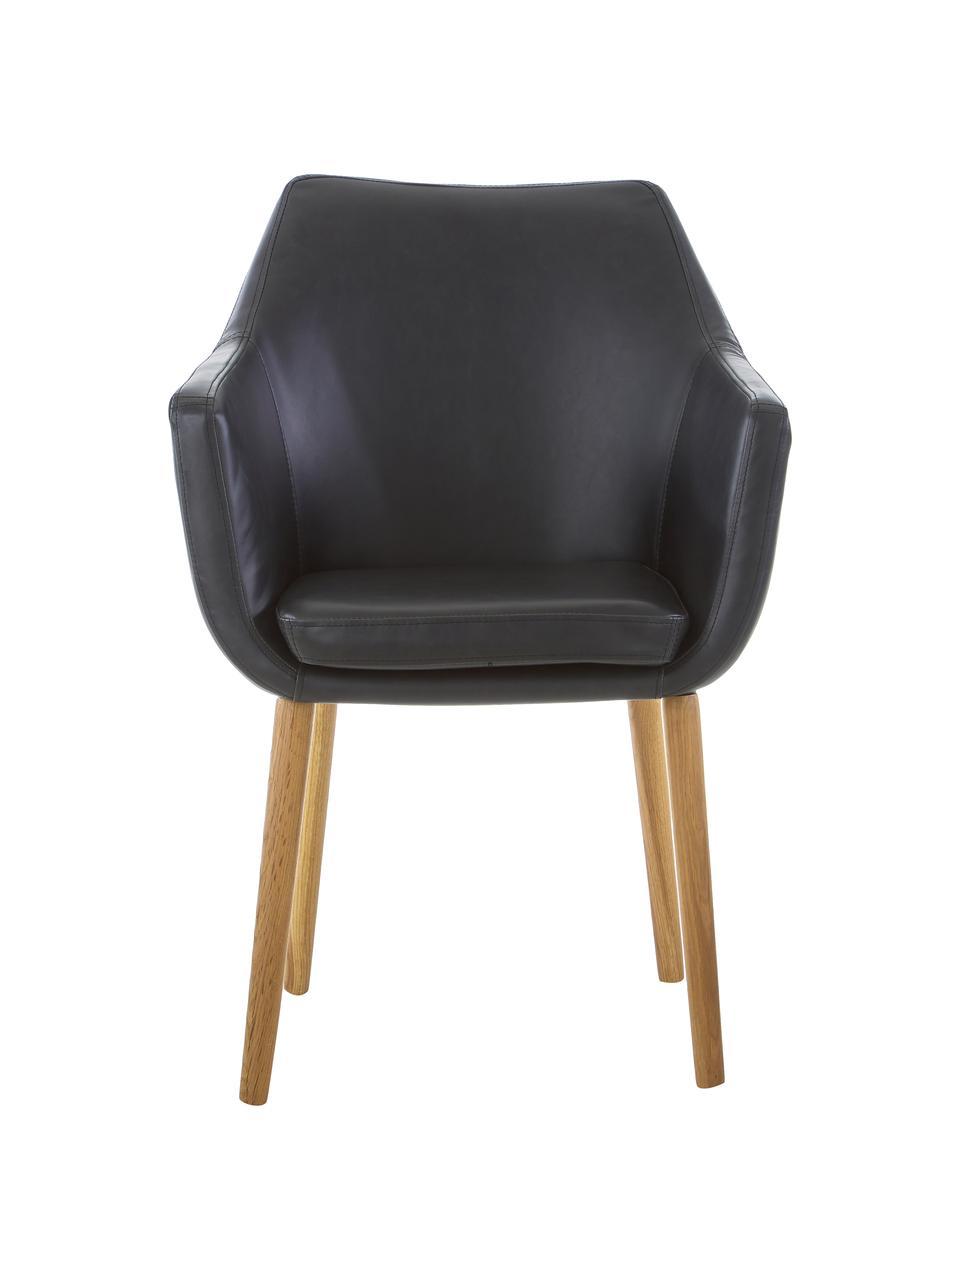 Sedia con braccioli  Nora, Rivestimento: pelle ecologica (poliuret, Gambe: legno di quercia, Similpelle nero, Gambe: legno di quercia, Larg. 56 x Prof. 55 cm